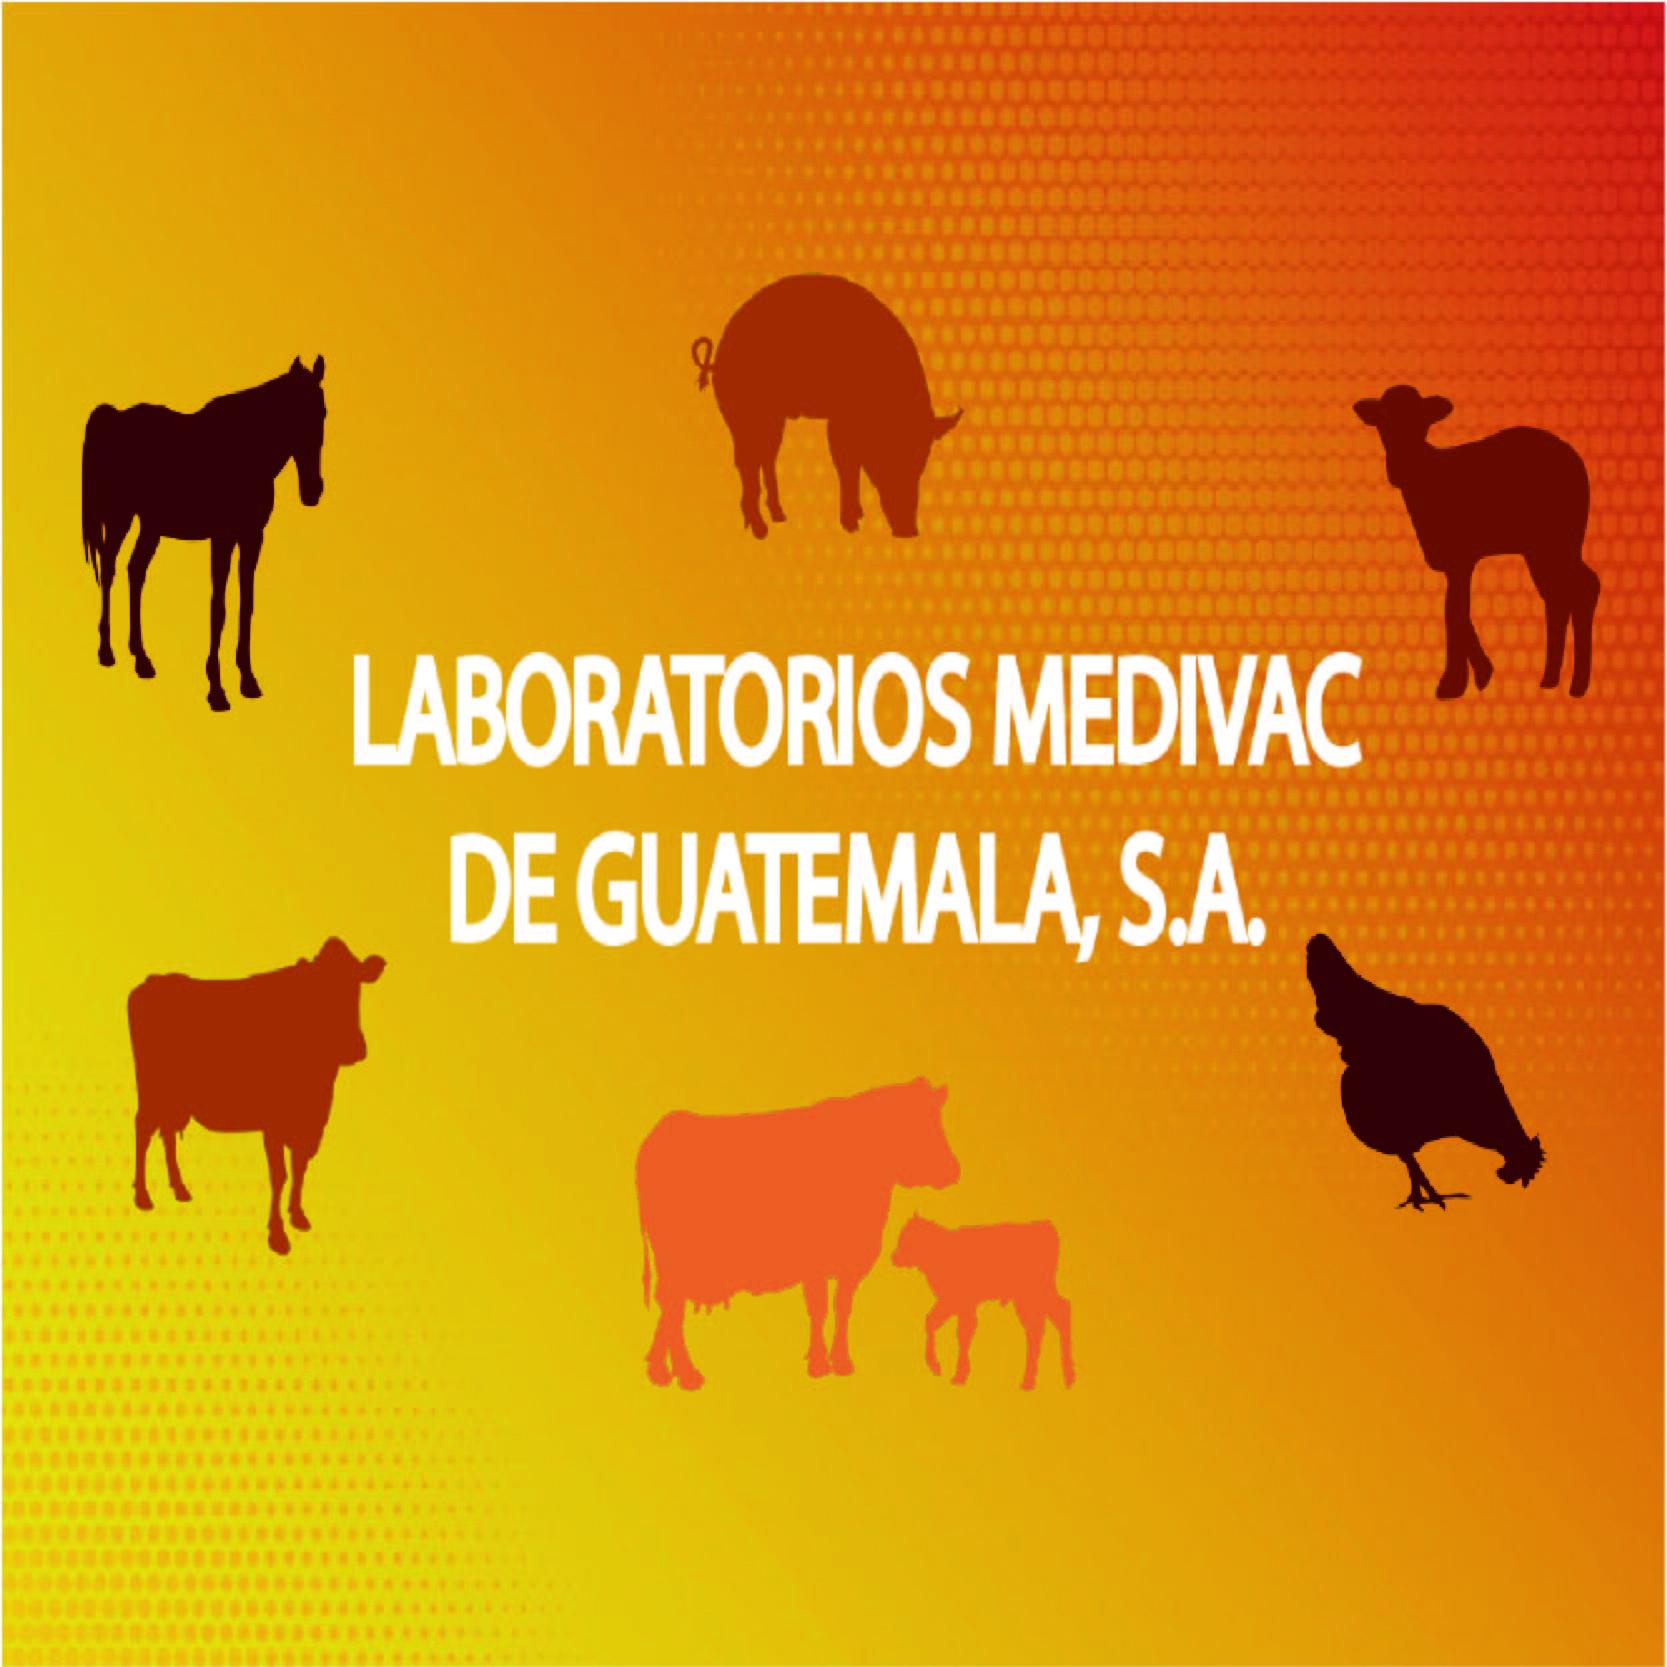 Laboratorios Medivac de Guatemala